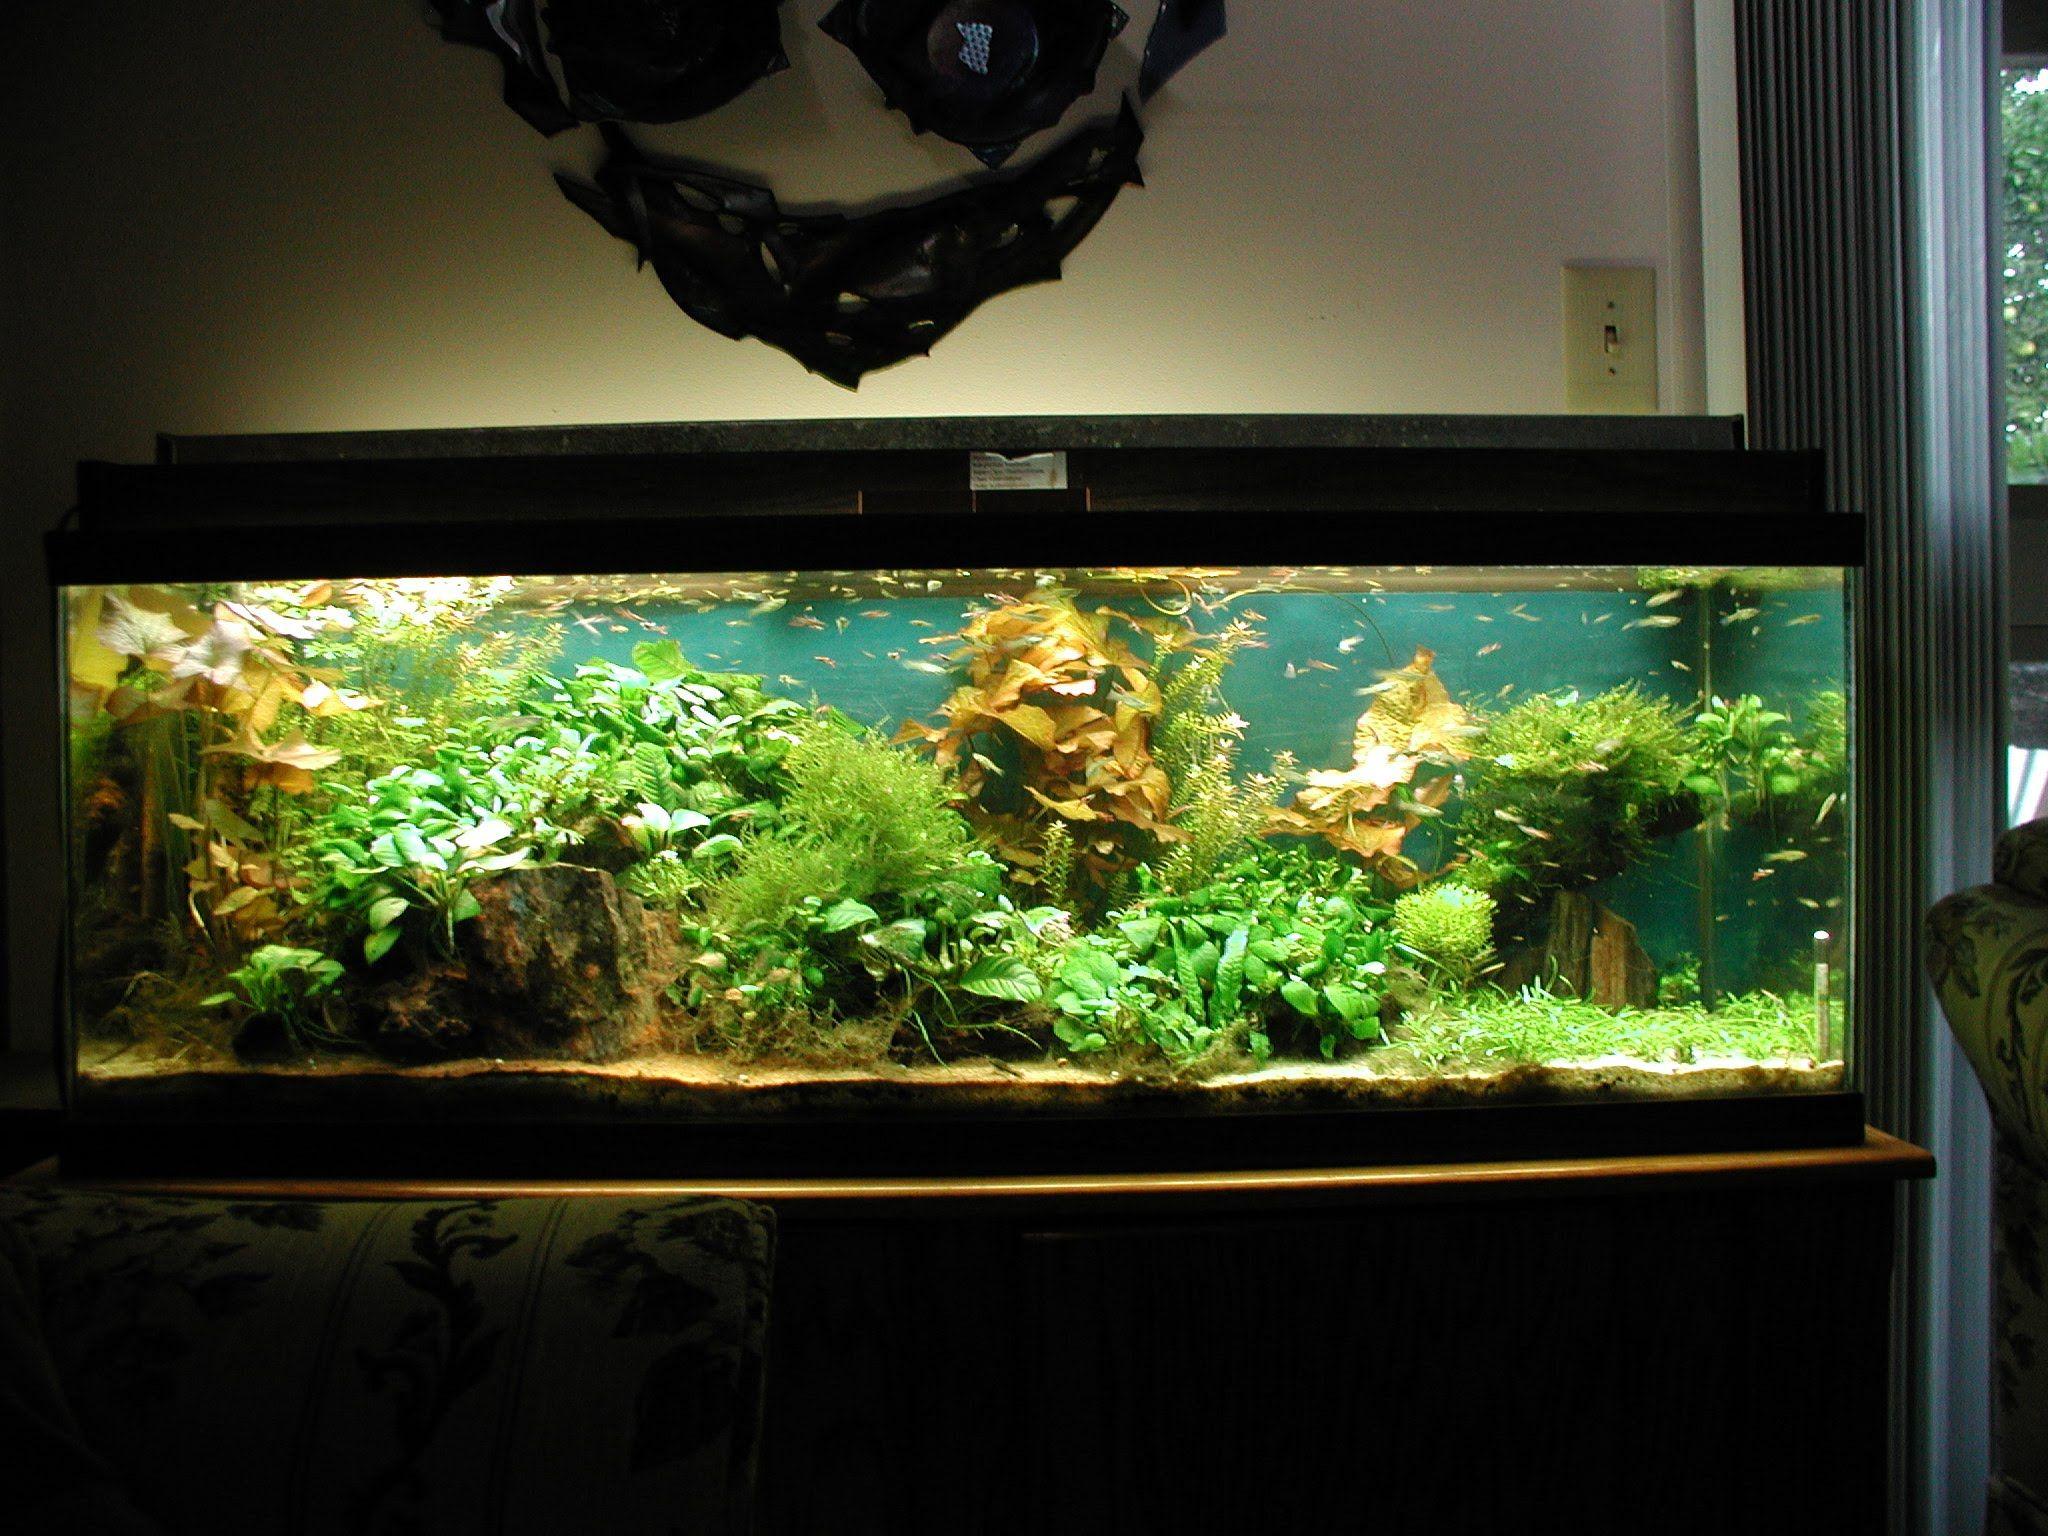 10 gallon fish tank stand ideas for your aquarium | interior design